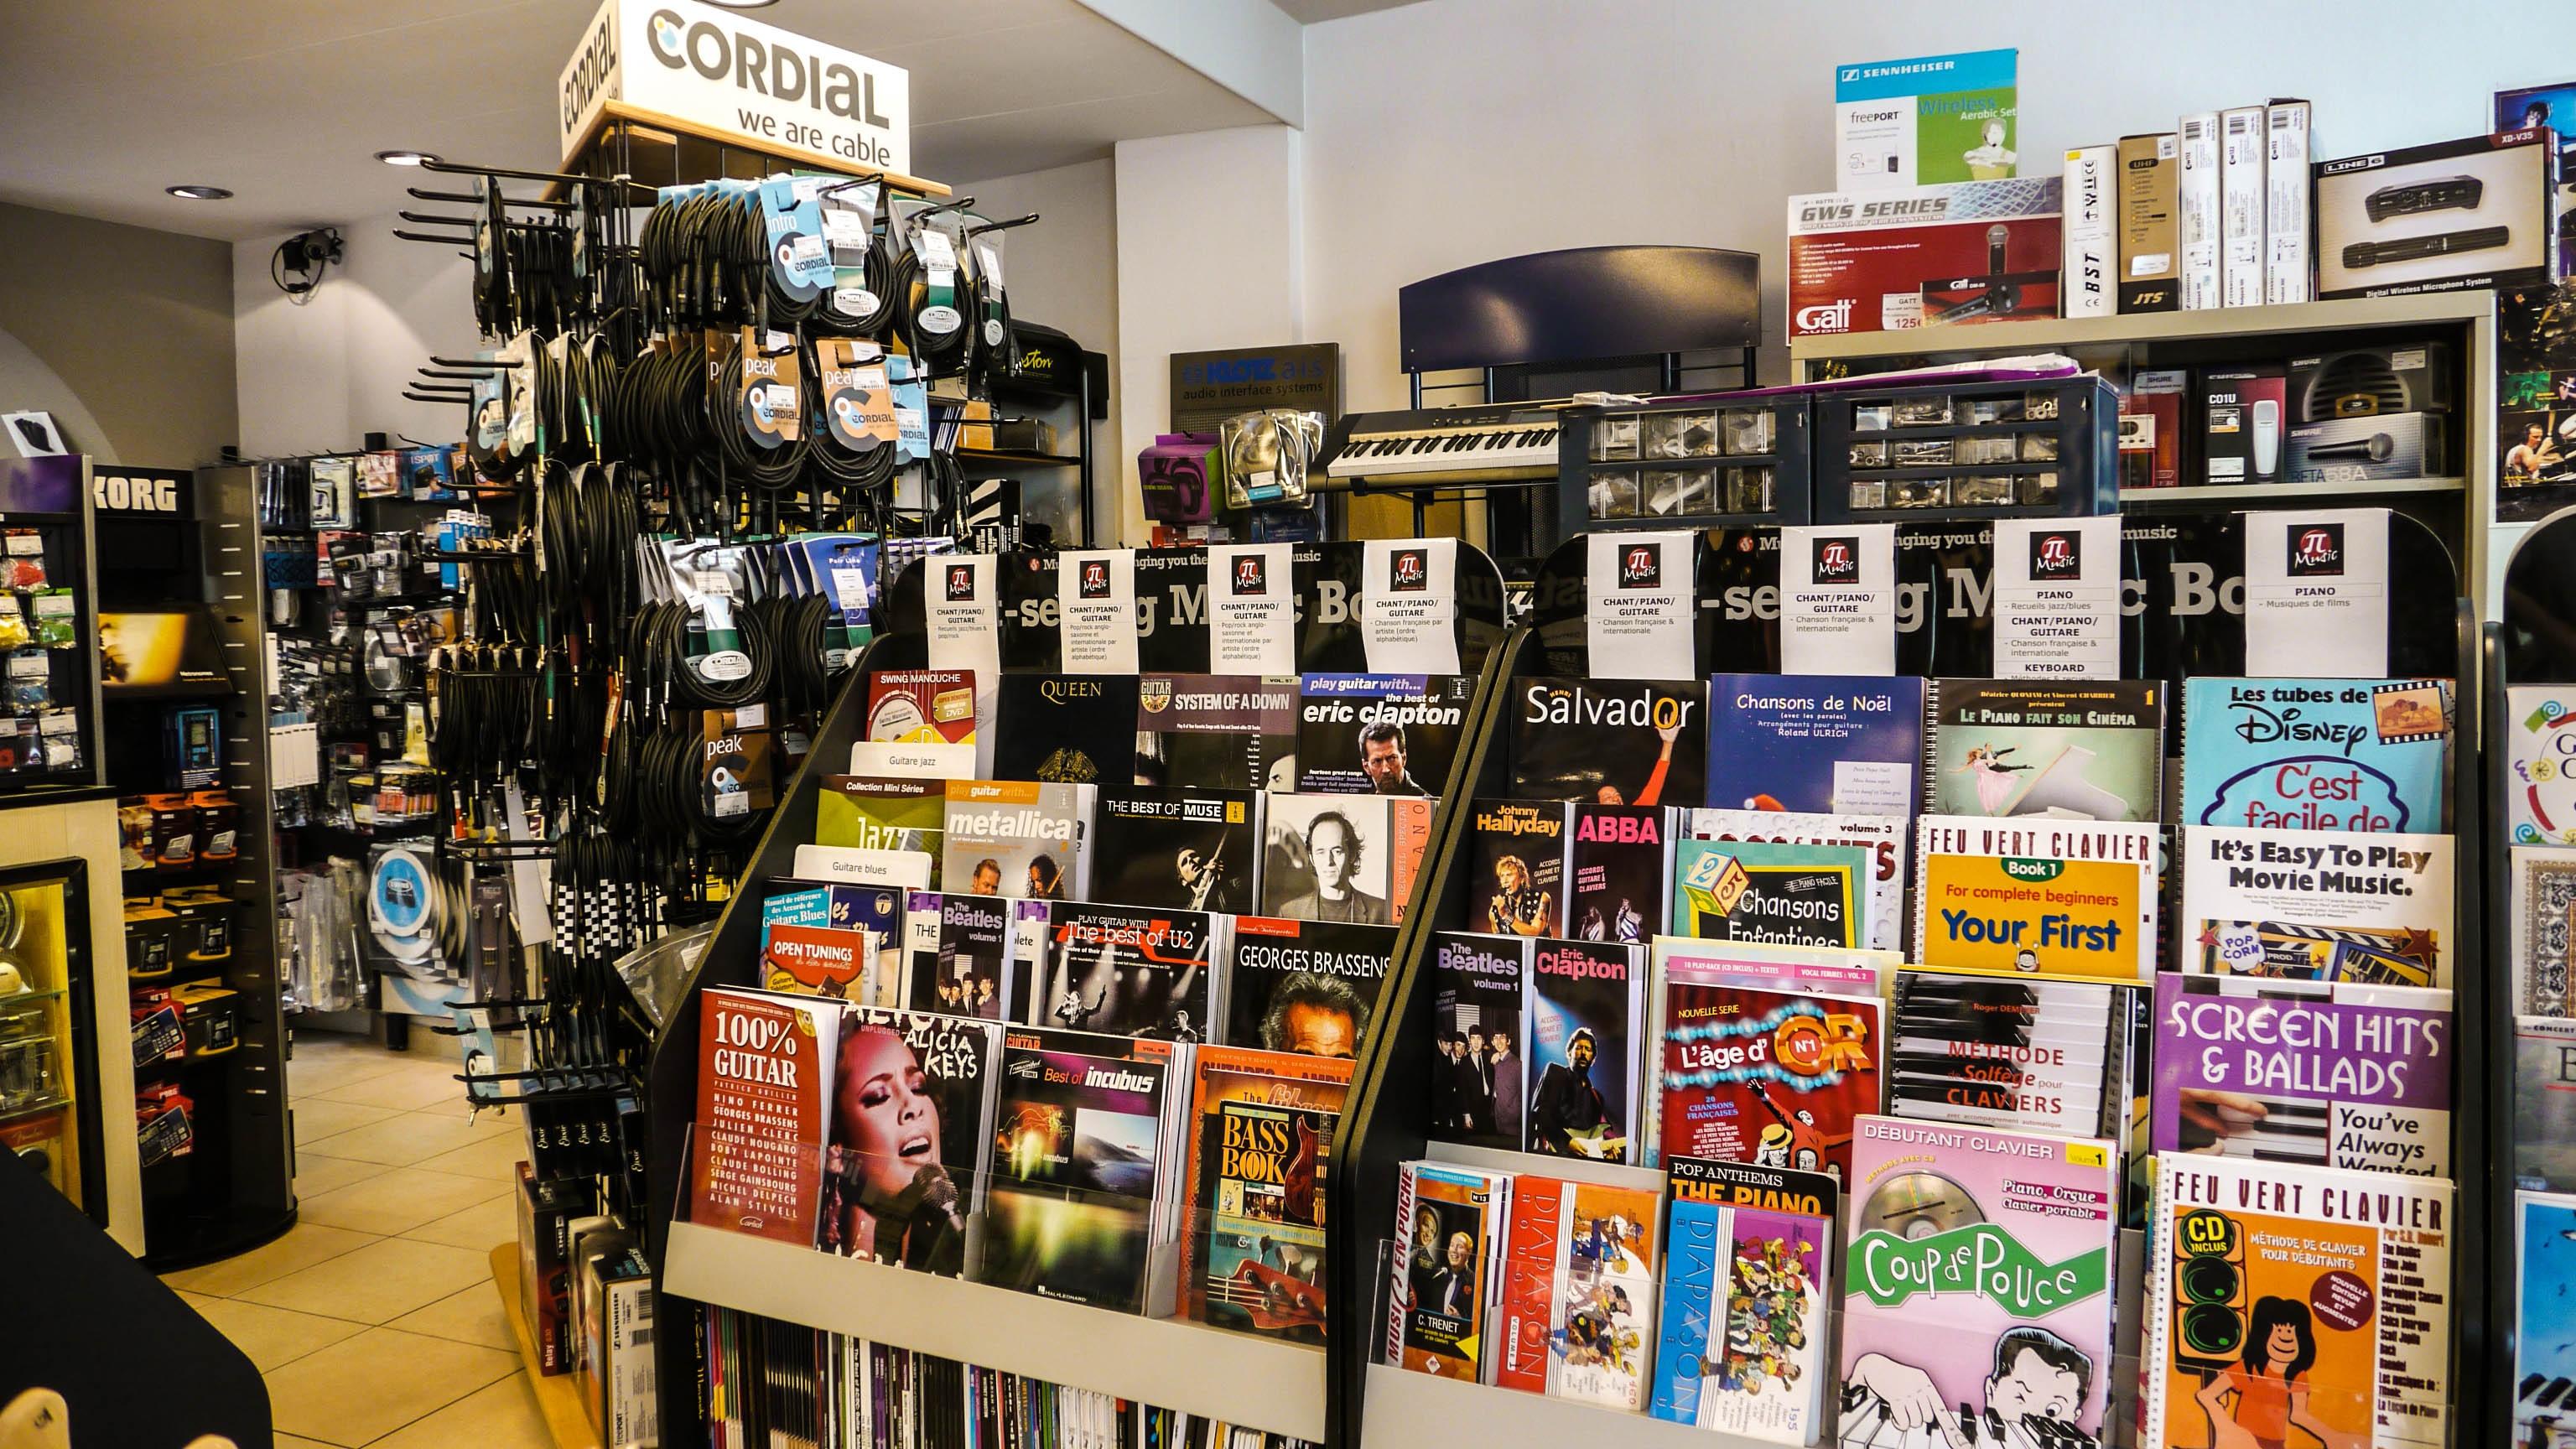 Fotos gratis rock m sica almacenar tienda de comestibles historietas al por menor - Almacen de libreria ...